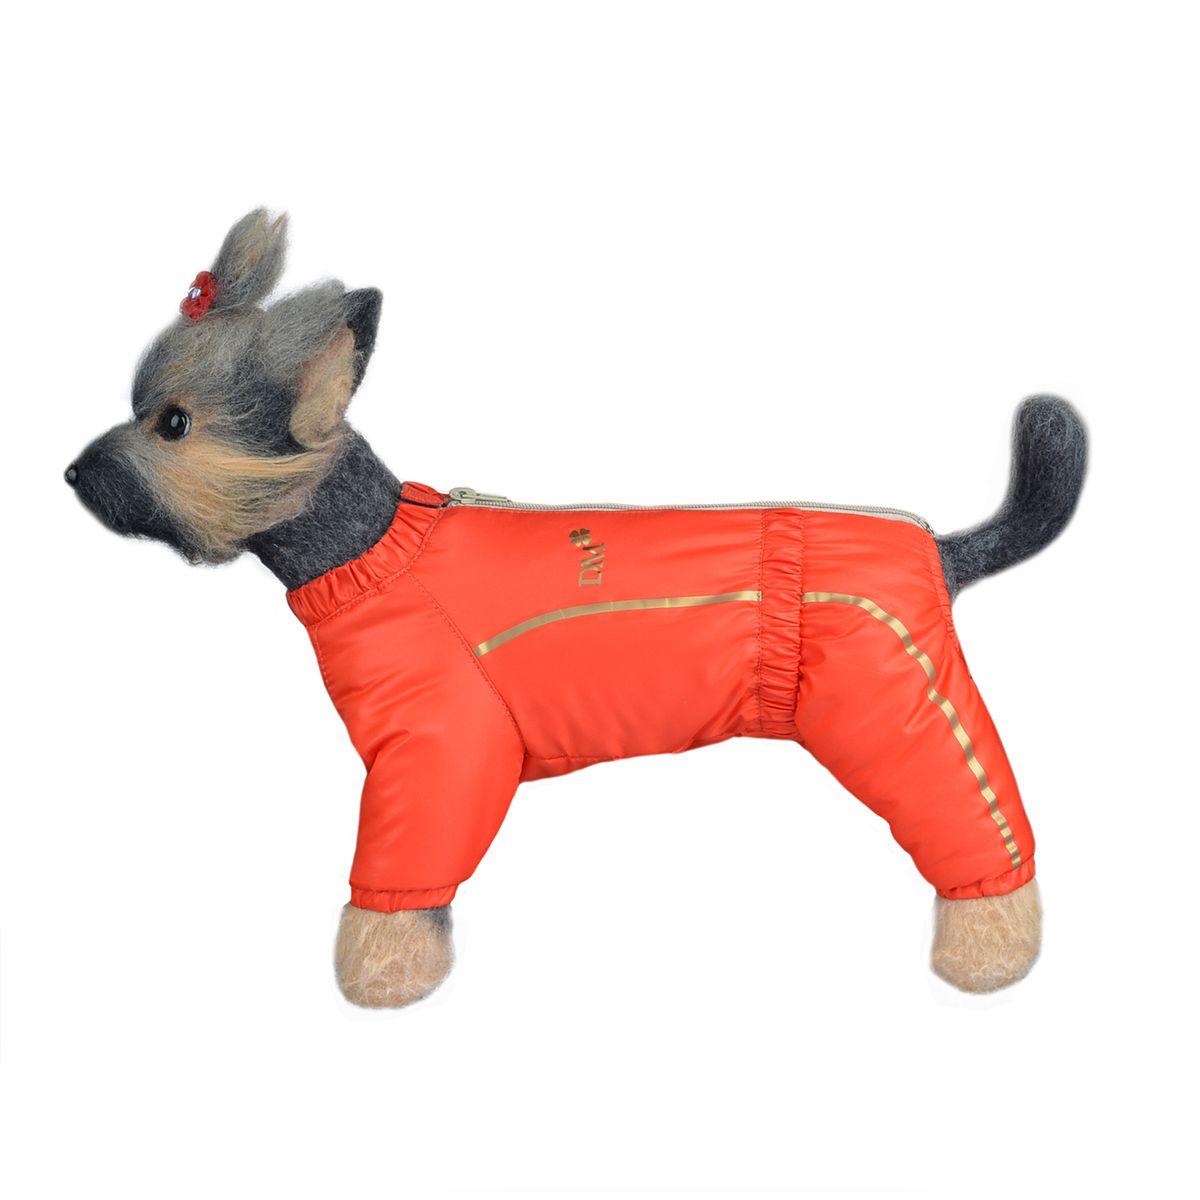 Комбинезон для собак Dogmoda Альпы, зимний, для девочки, цвет: оранжевый. Размер 3 (L) комбинезон для собак dogmoda doggs зимний для девочки цвет фиолетовый размер xxl